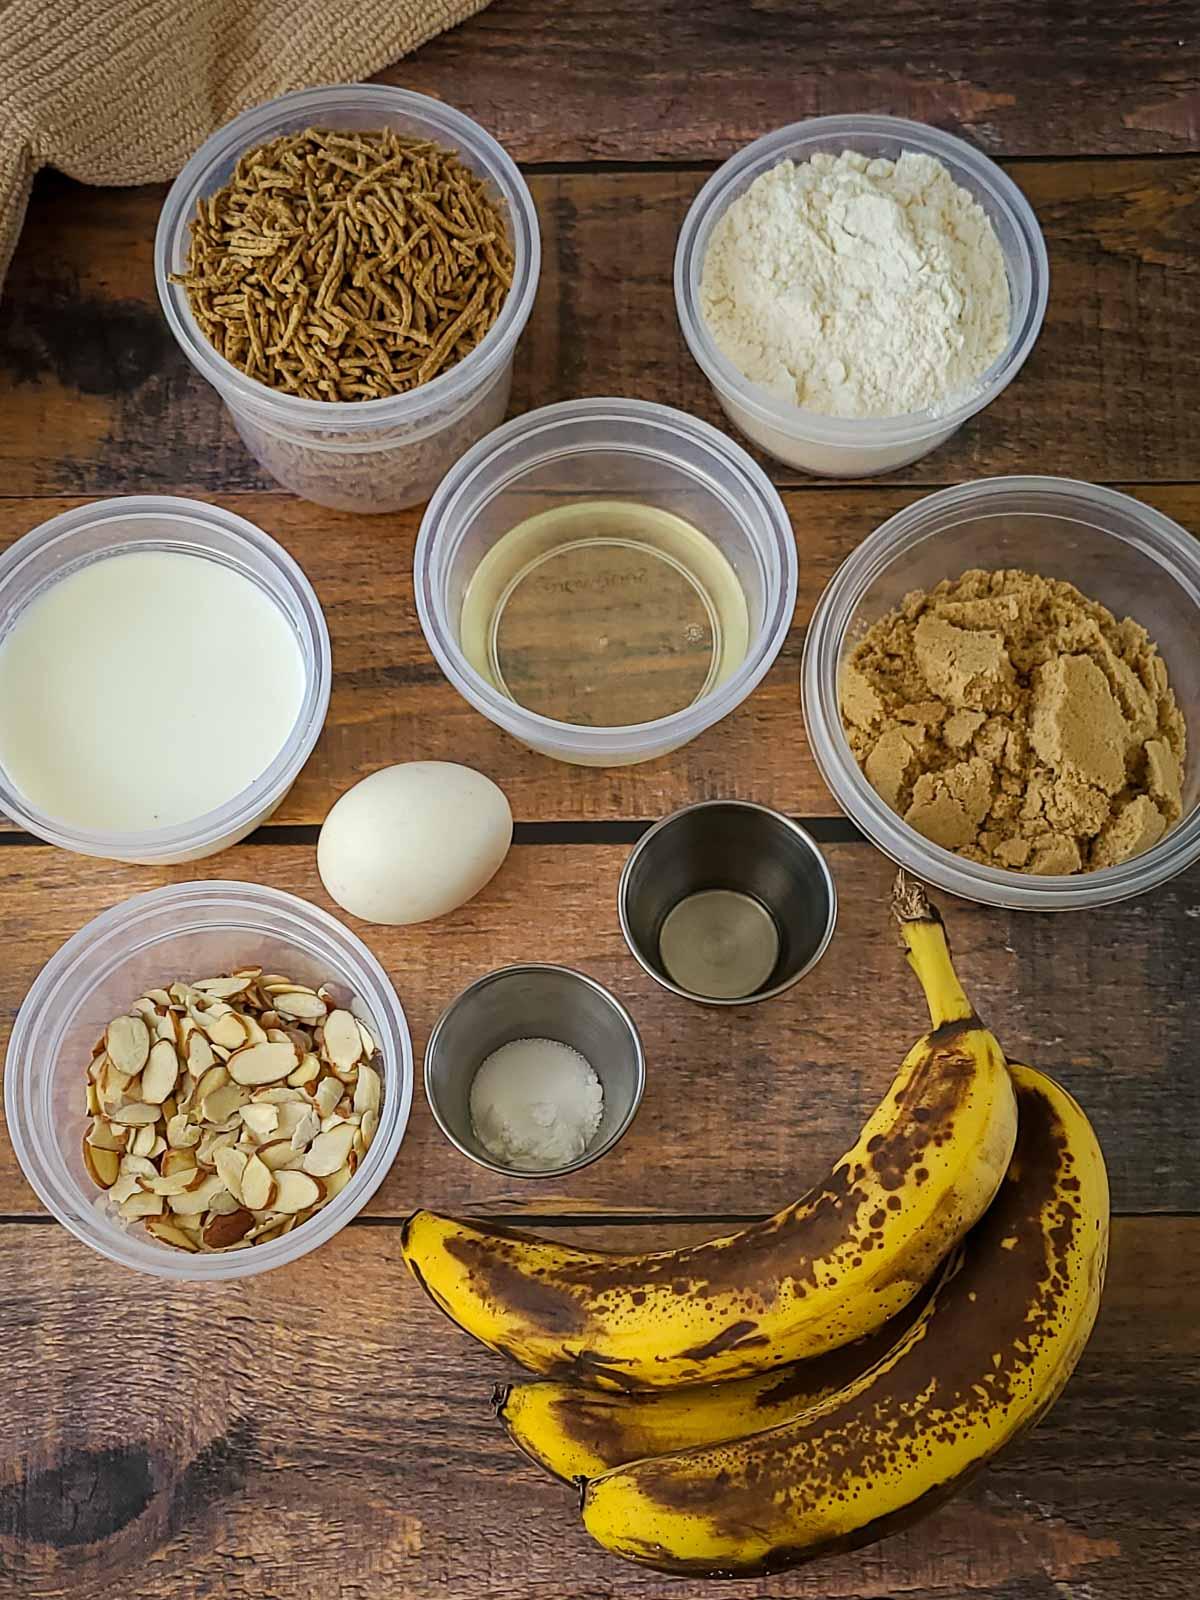 ingredients to make banana bran muffins